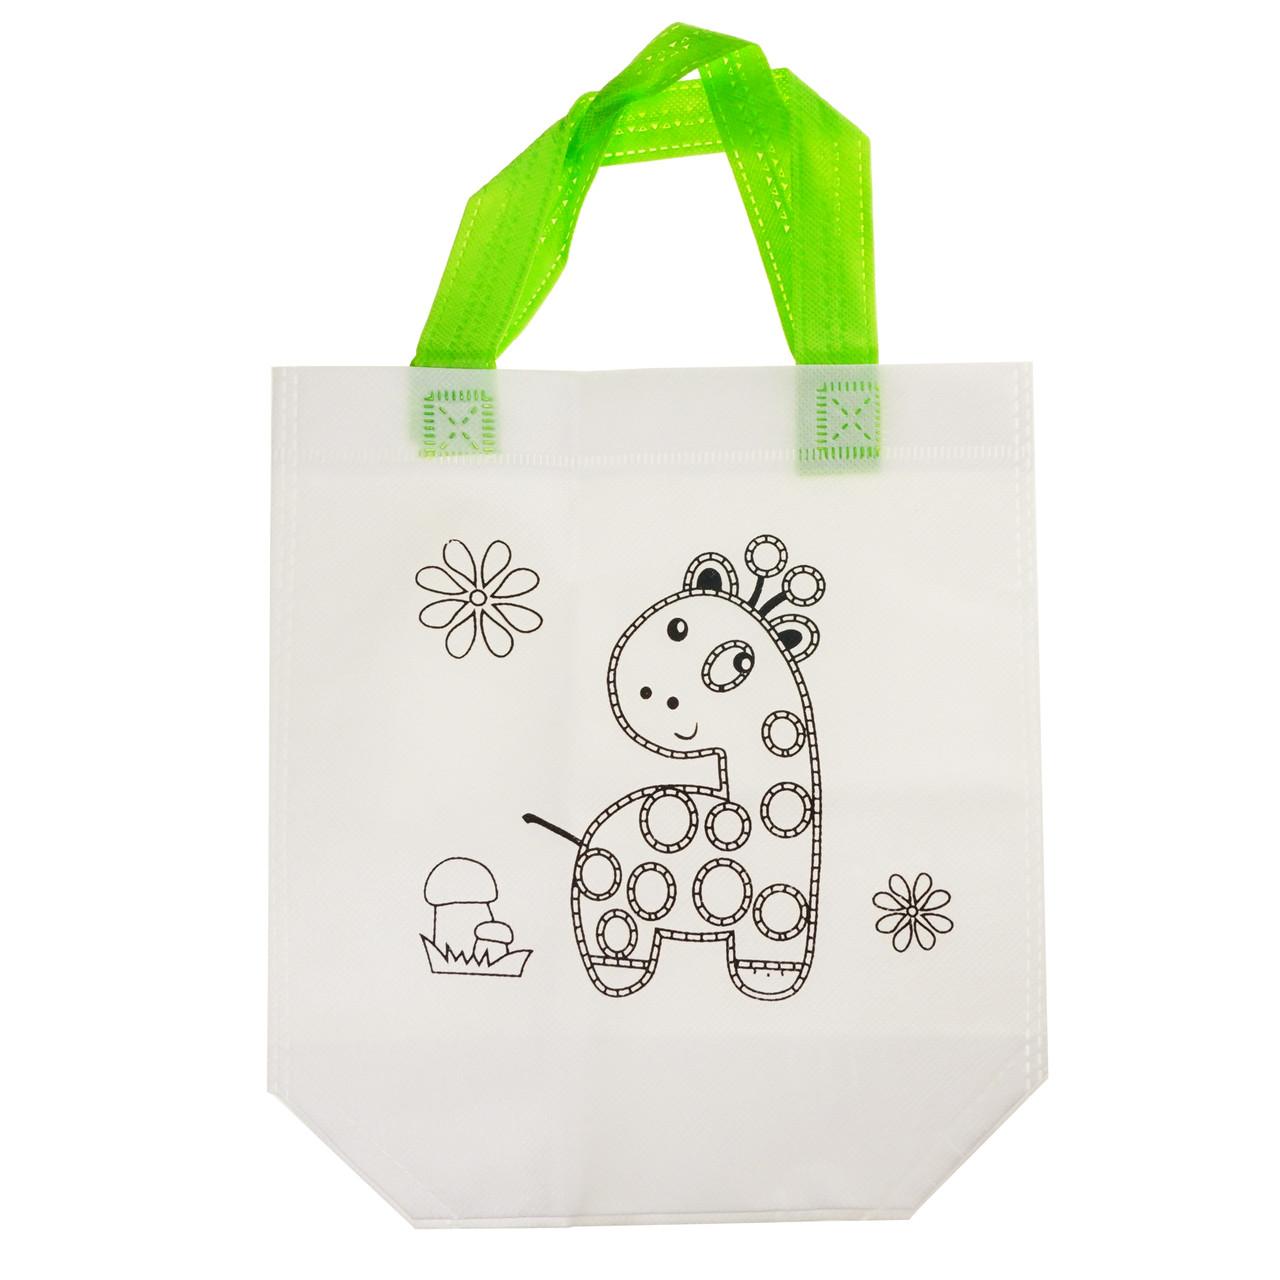 Дитяча сумка розфарбування Жираф - еко сумка набір для розфарбовування з фломастерами